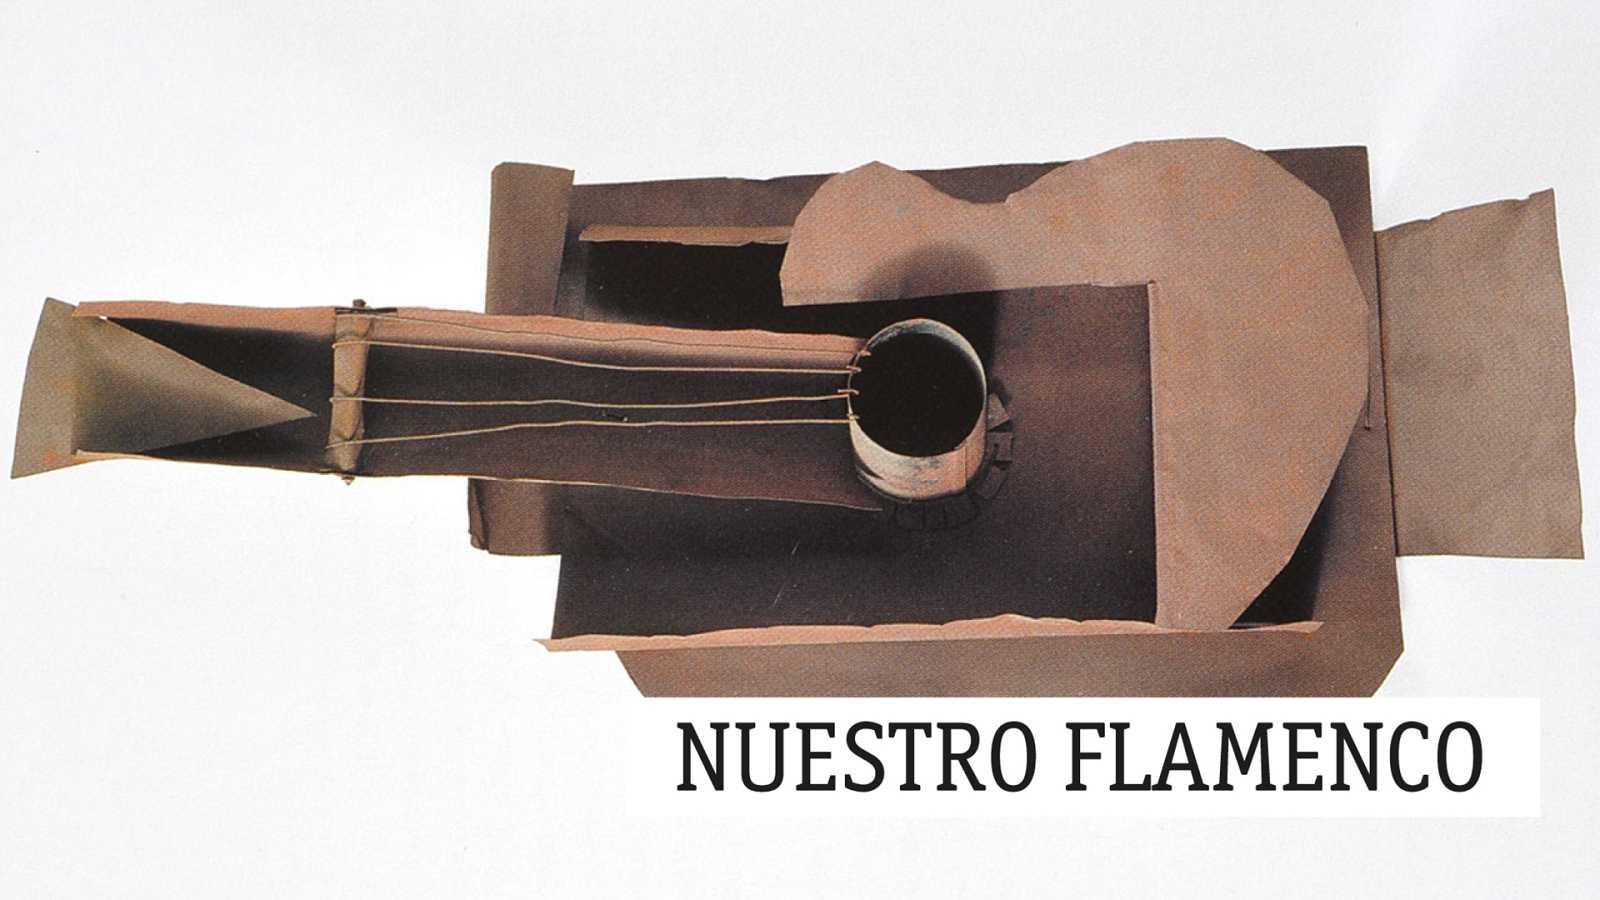 Nuestro Flamenco - Antonio Reyes - 29/10/20 - escuchar ahora